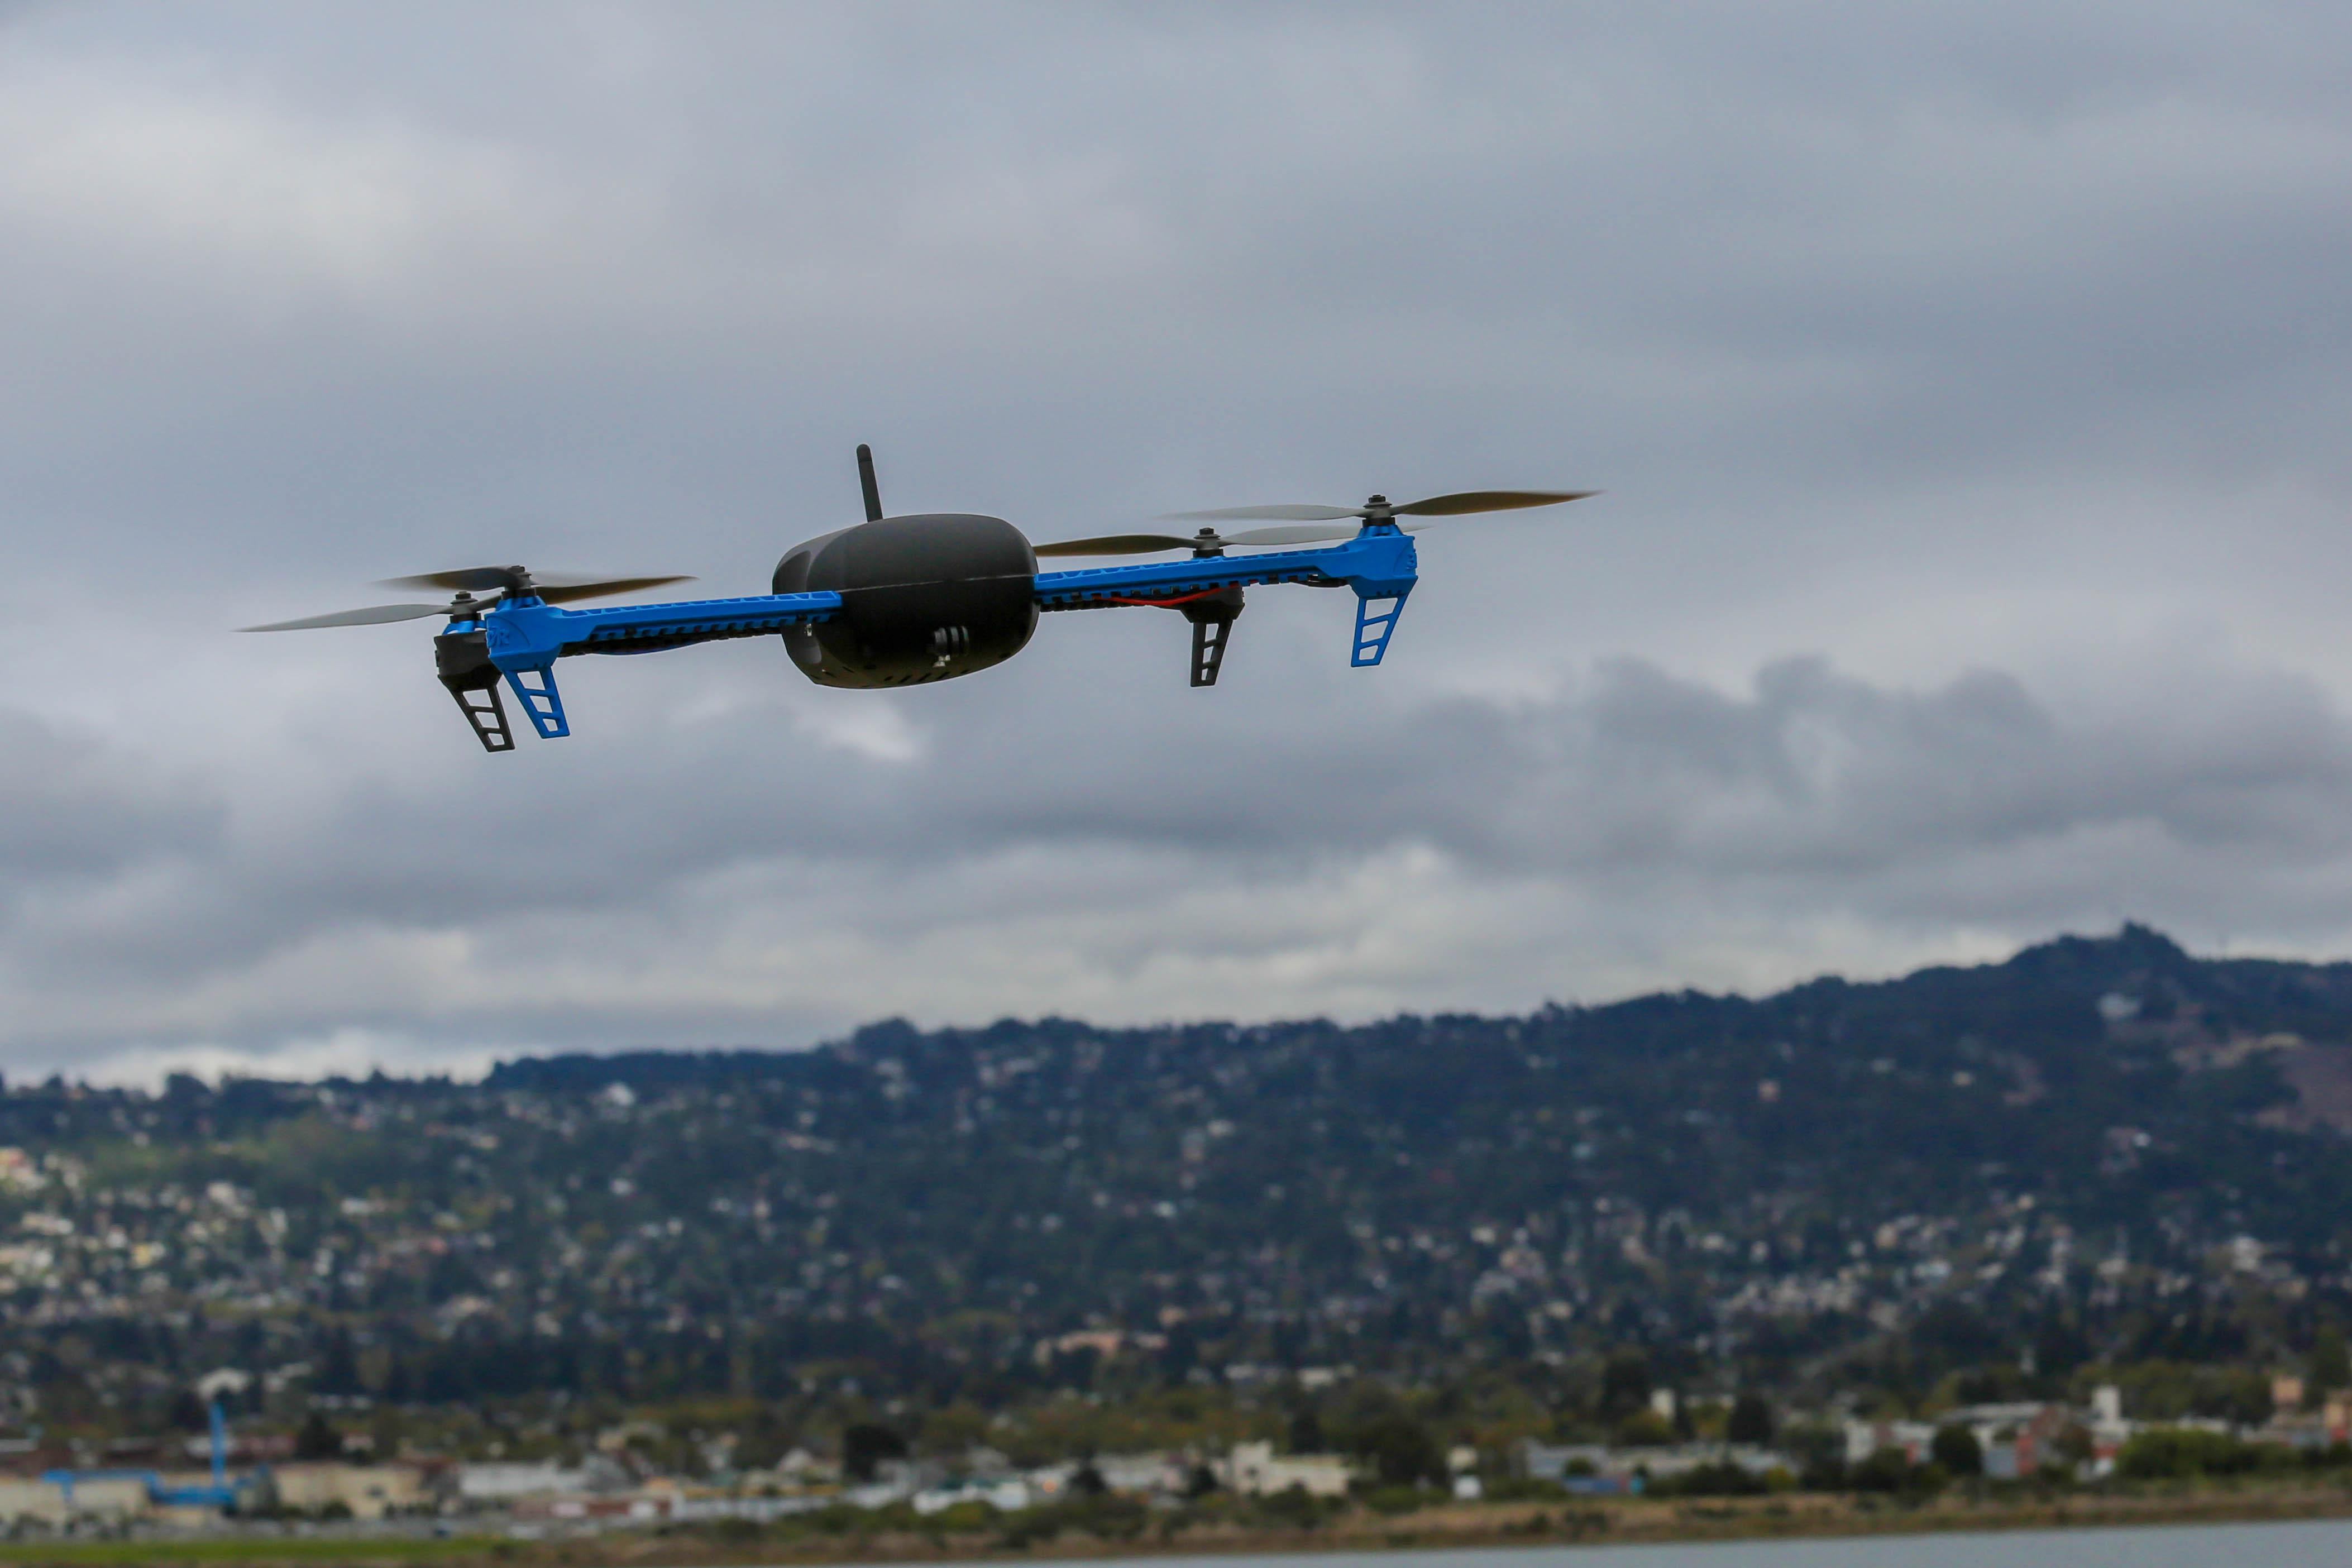 Максимальная дальность полета квадрокоптера cable micro usb dji стоимость с доставкой